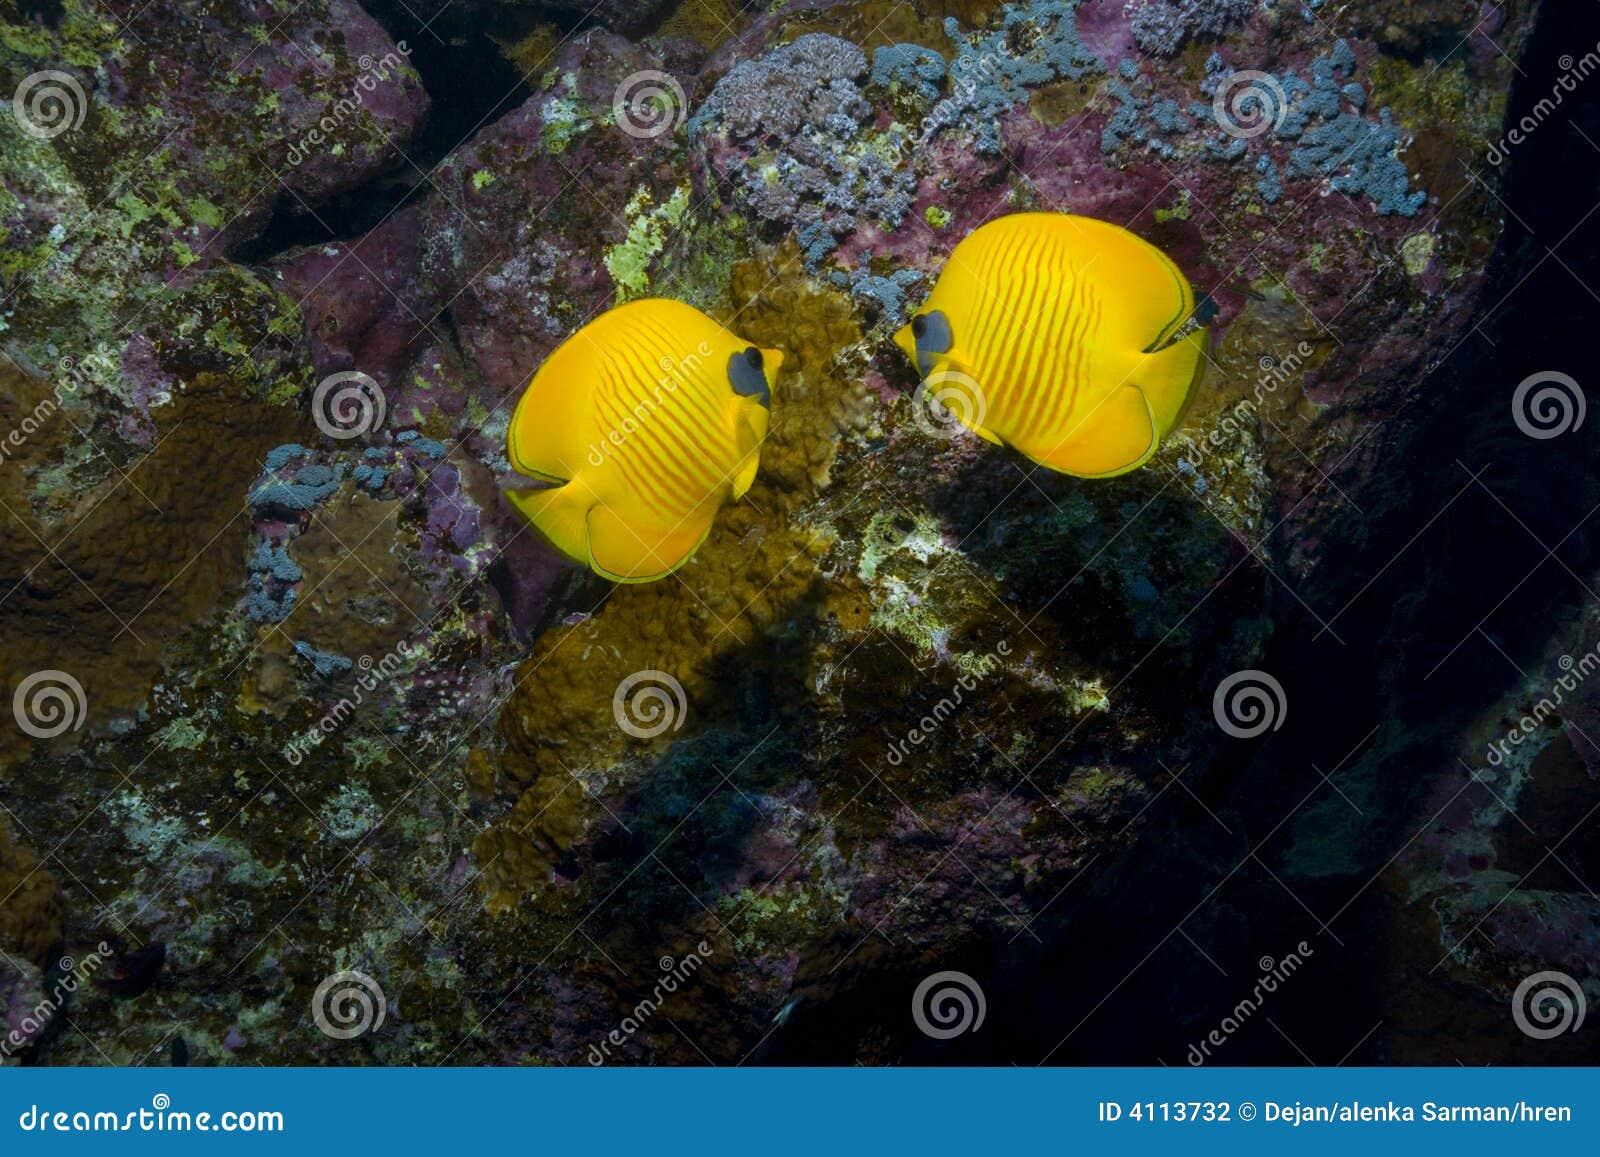 Bright fish among coral